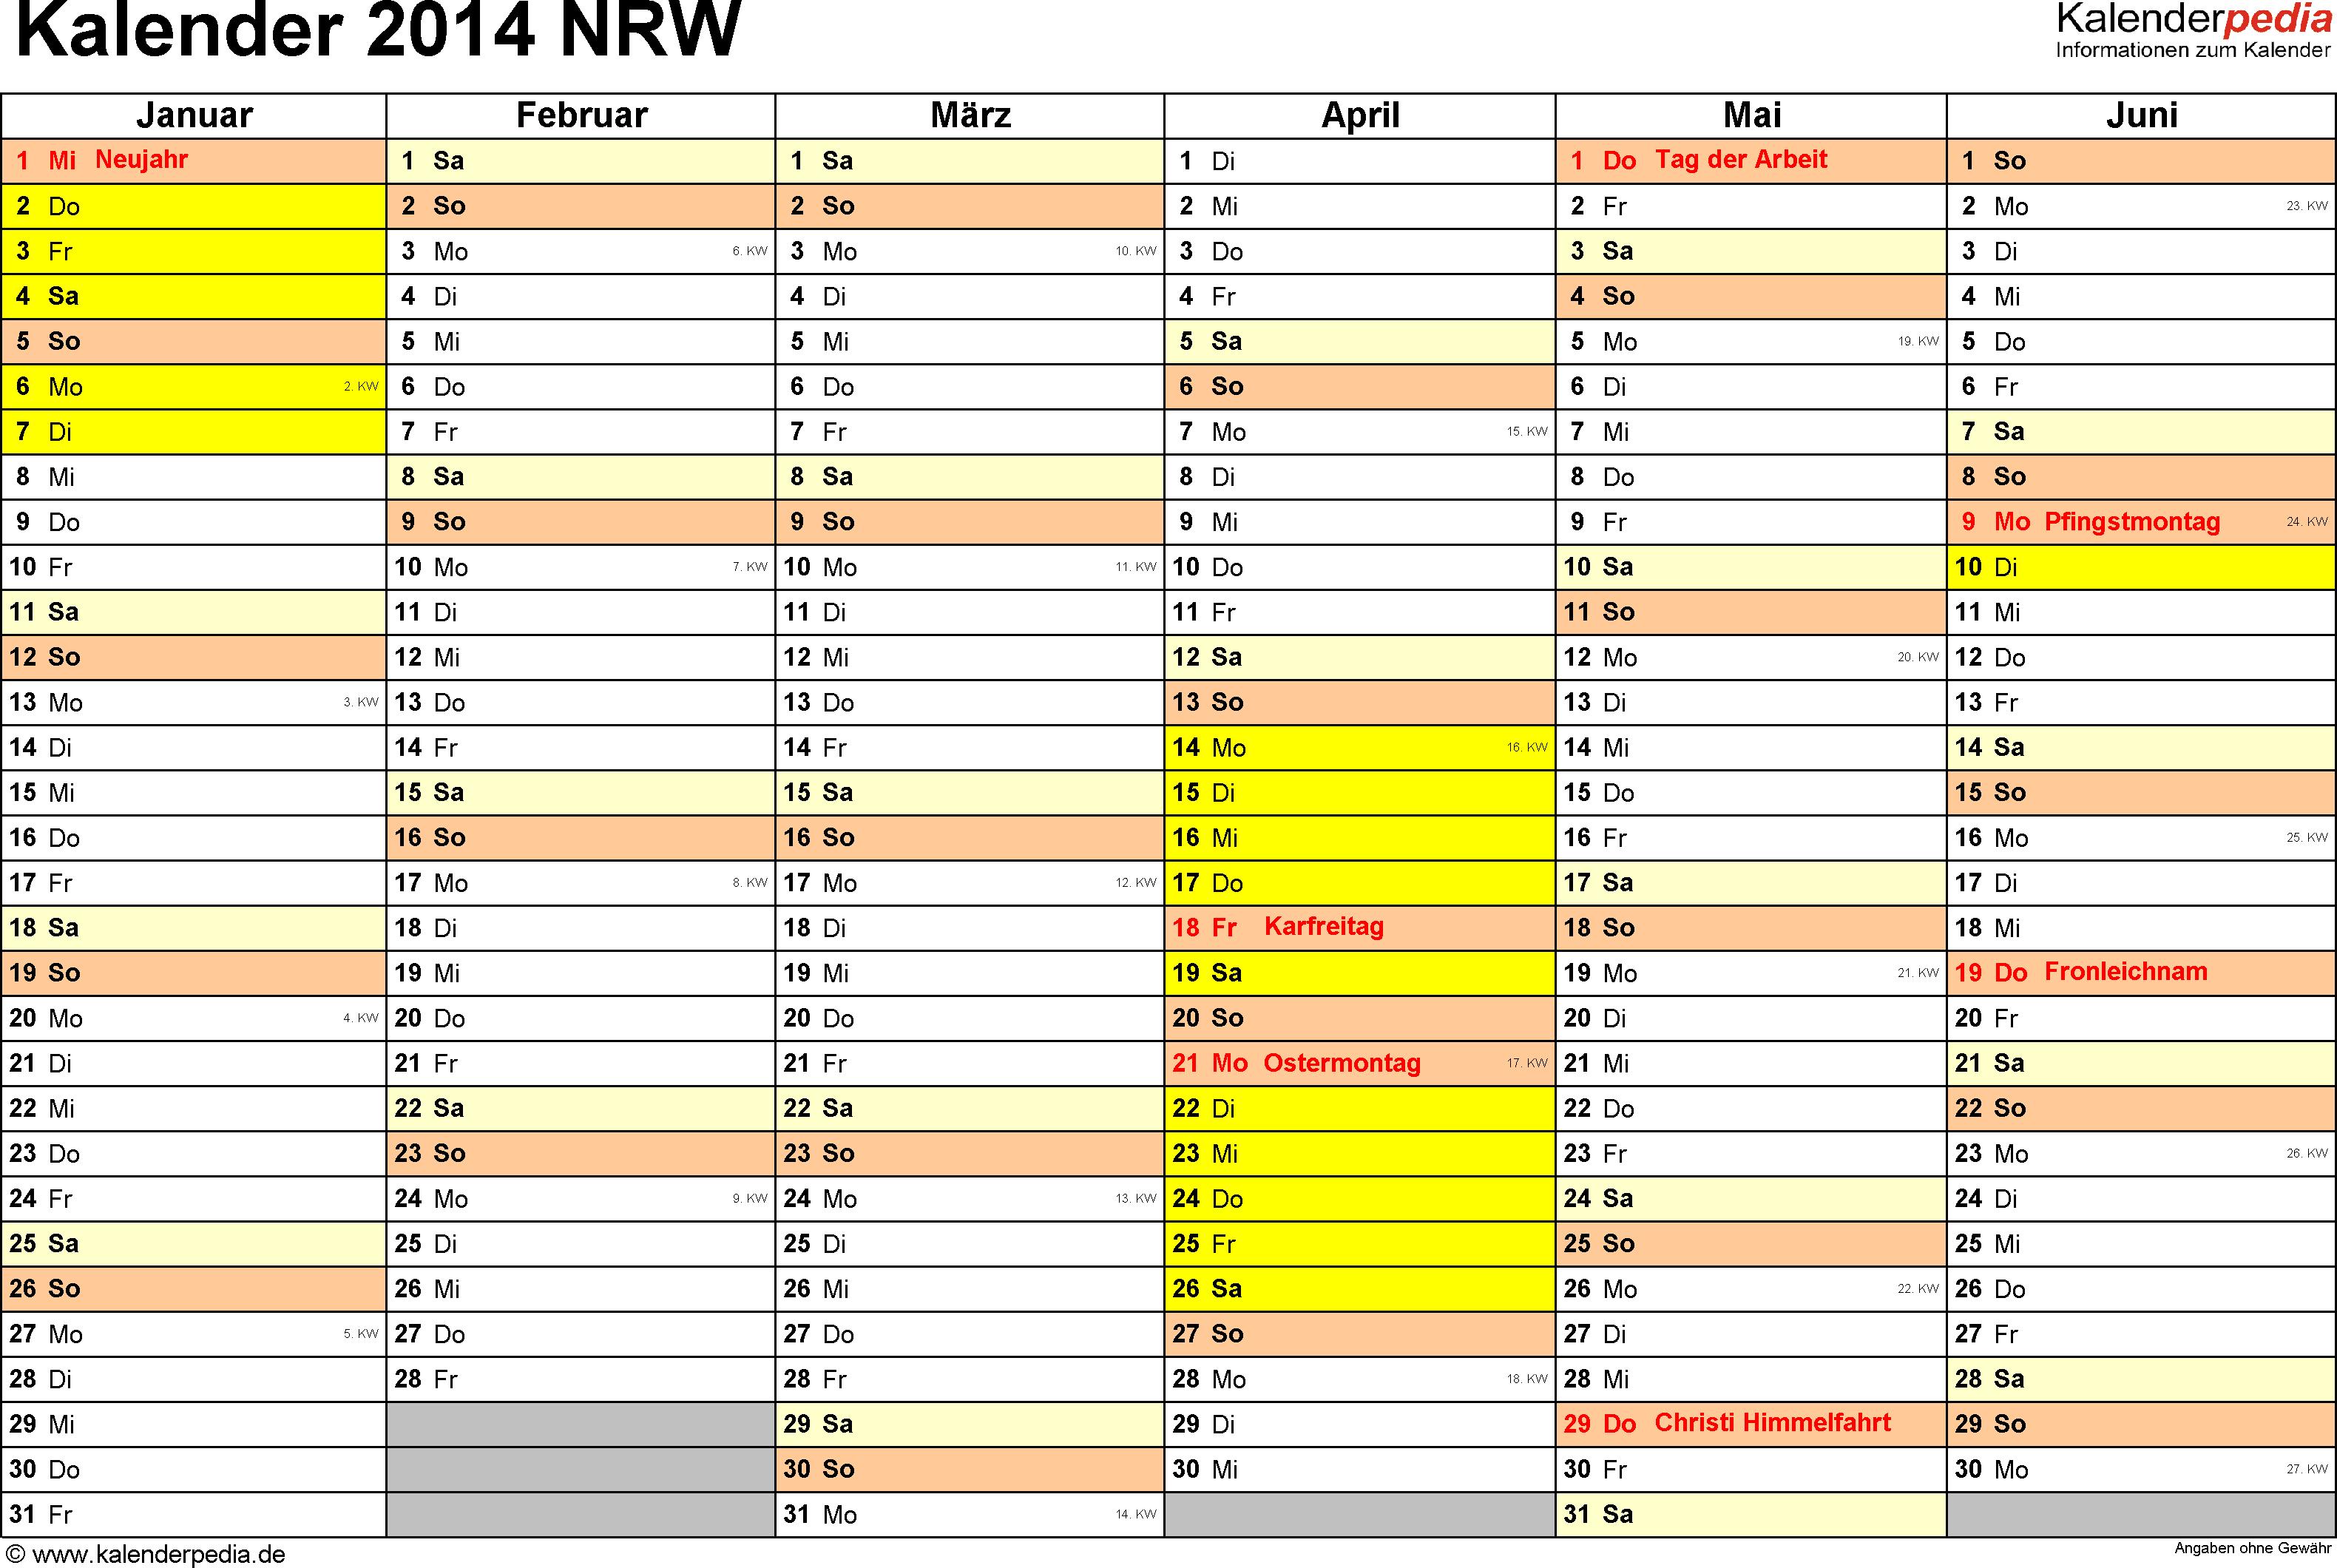 Vorlage 2: Kalender 2014 für Nordrhein-Westfalen (NRW) als PDF-Vorlage (Querformat, 2 Seiten)